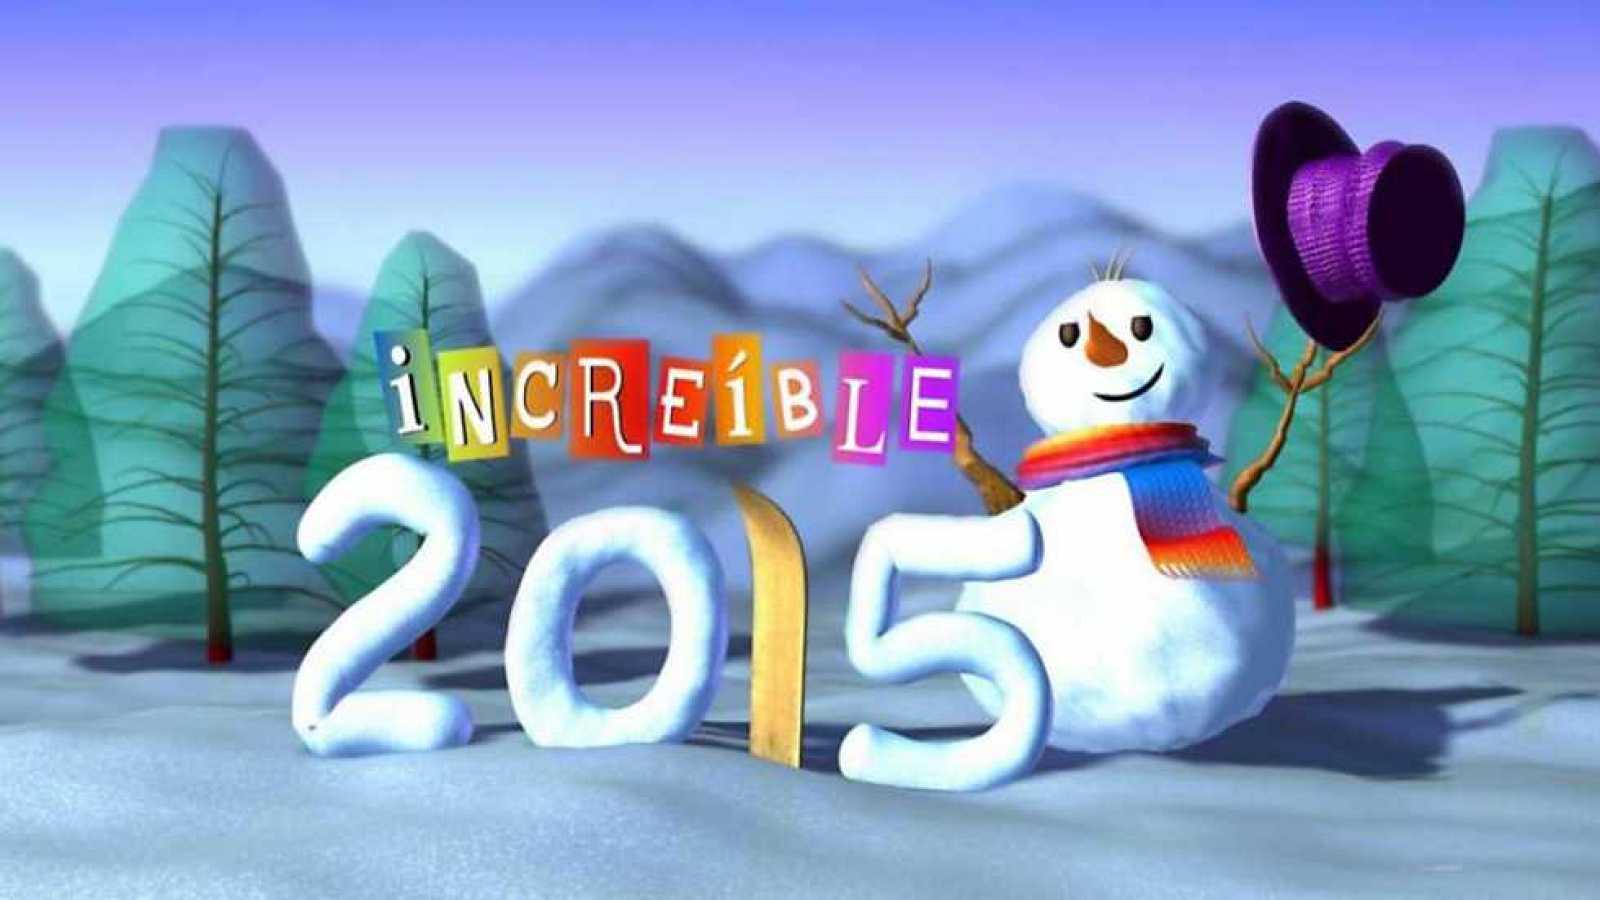 Para todos los públicos Increíble 2015 - ver ahora reproducir video 62a05b2f29bbb